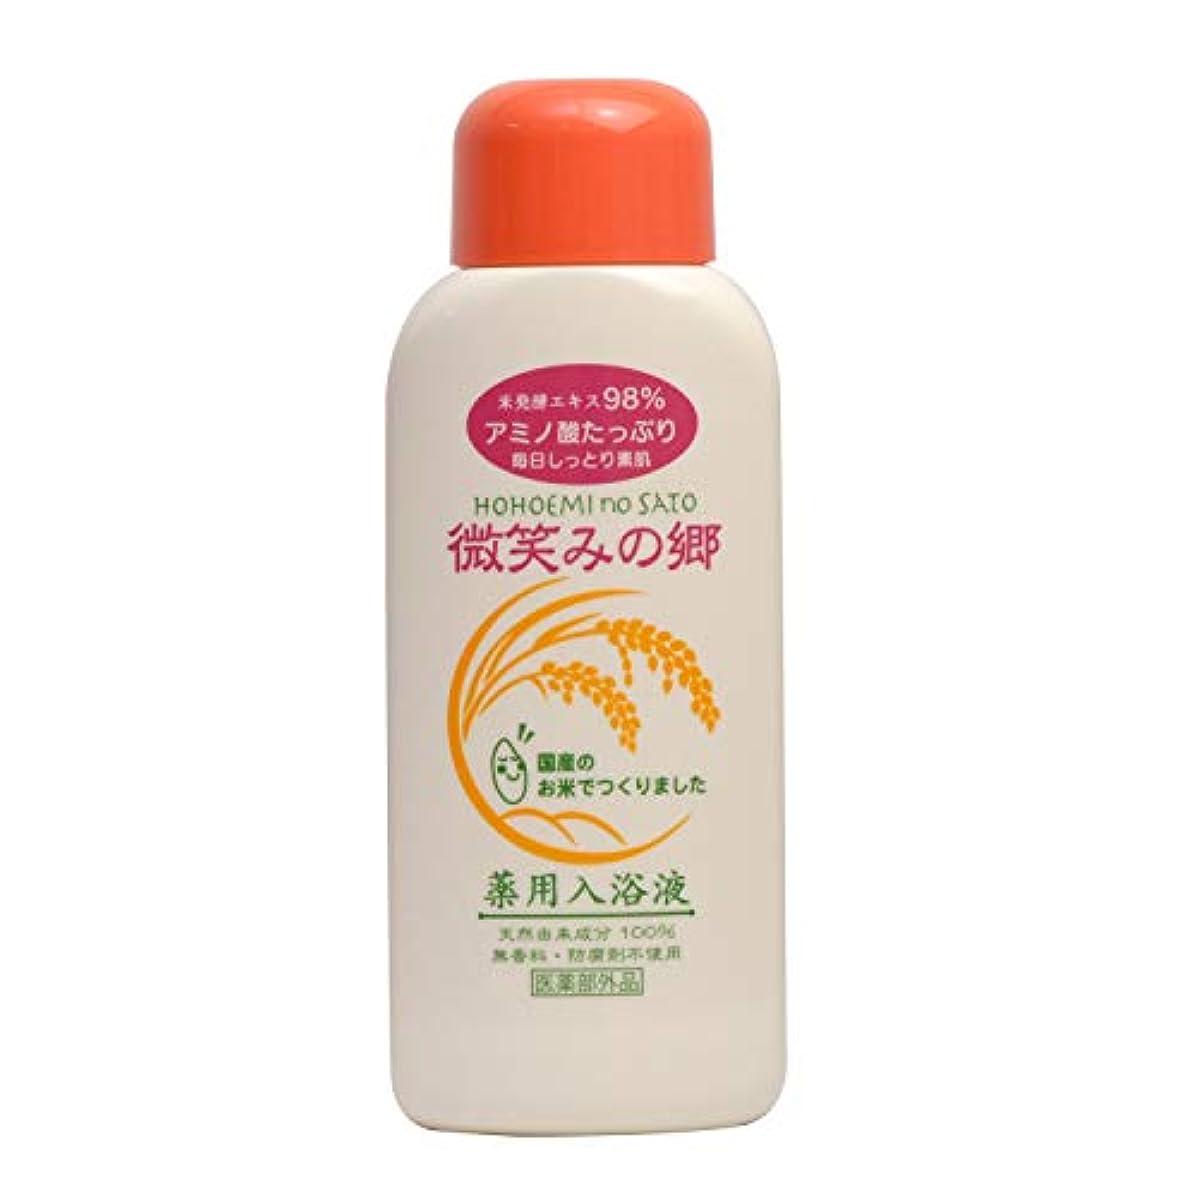 製品ダイジェストサイレントHOHOEMI no SATO(微笑みの郷) ミスアール N 入浴剤 600ml